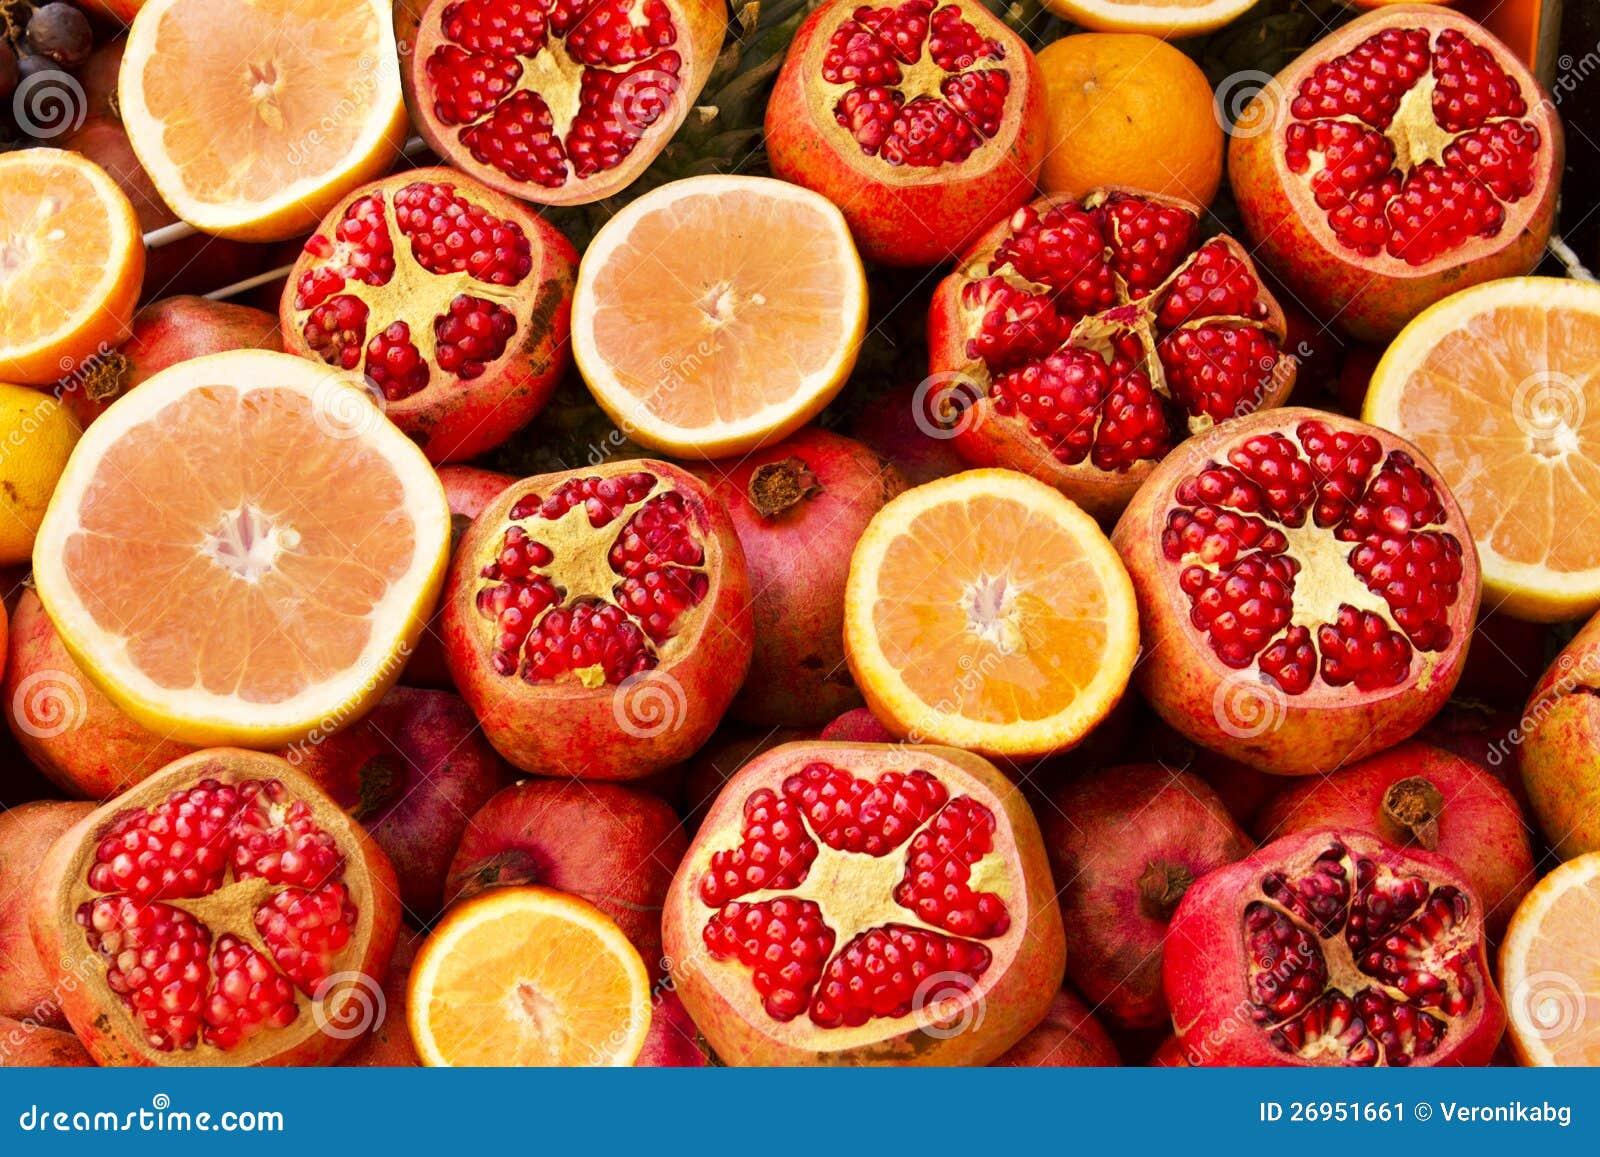 Nucleic Acids Foods